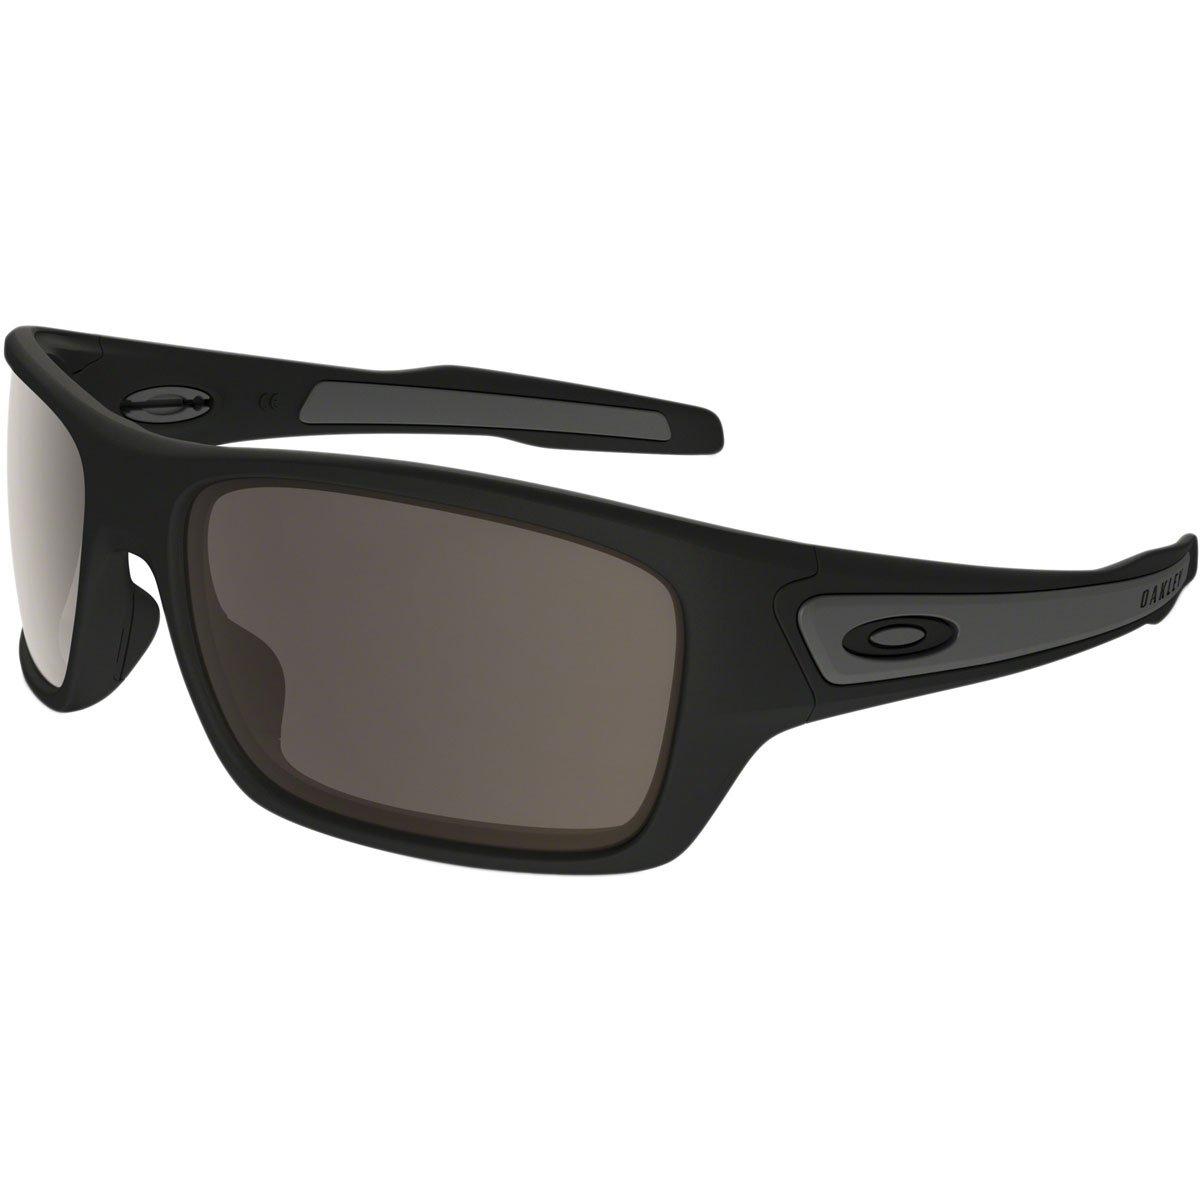 Oakley Men's OO9263 Turbine Rectangular Sunglasses, Matte Black/Warm Grey, 65 mm by Oakley